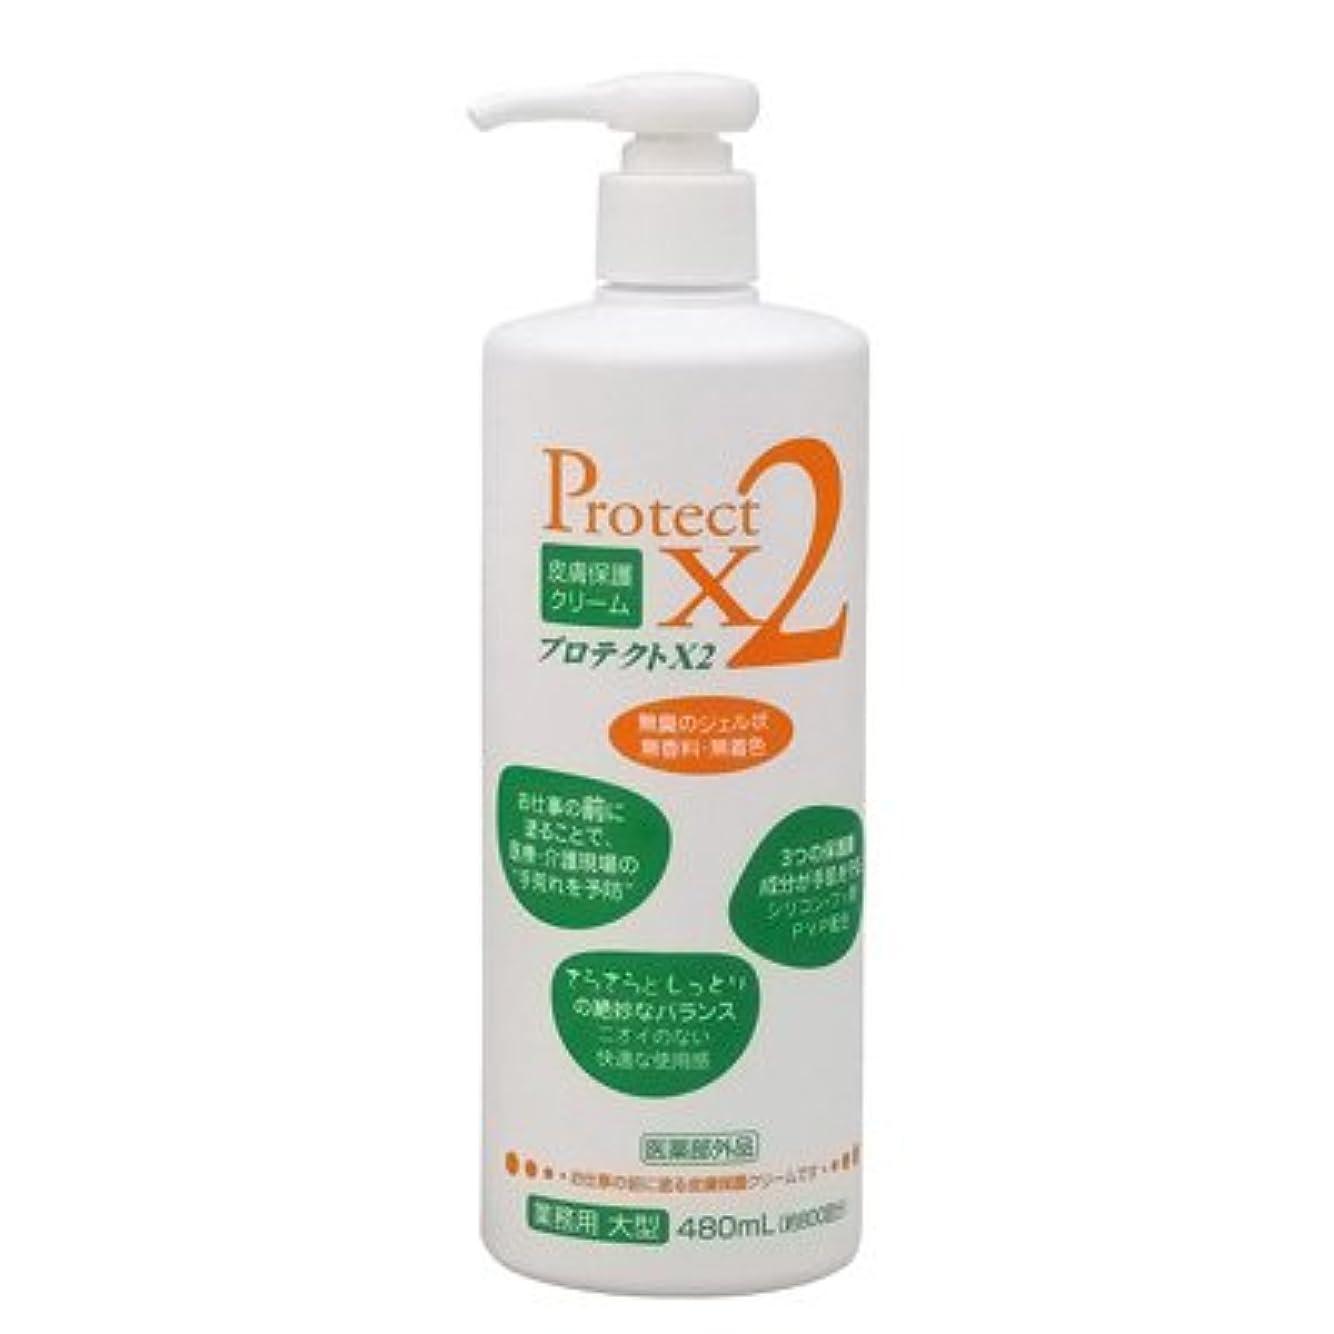 反響する同性愛者ストラトフォードオンエイボン皮膚保護クリーム プロテクトX2 480ml(大型)